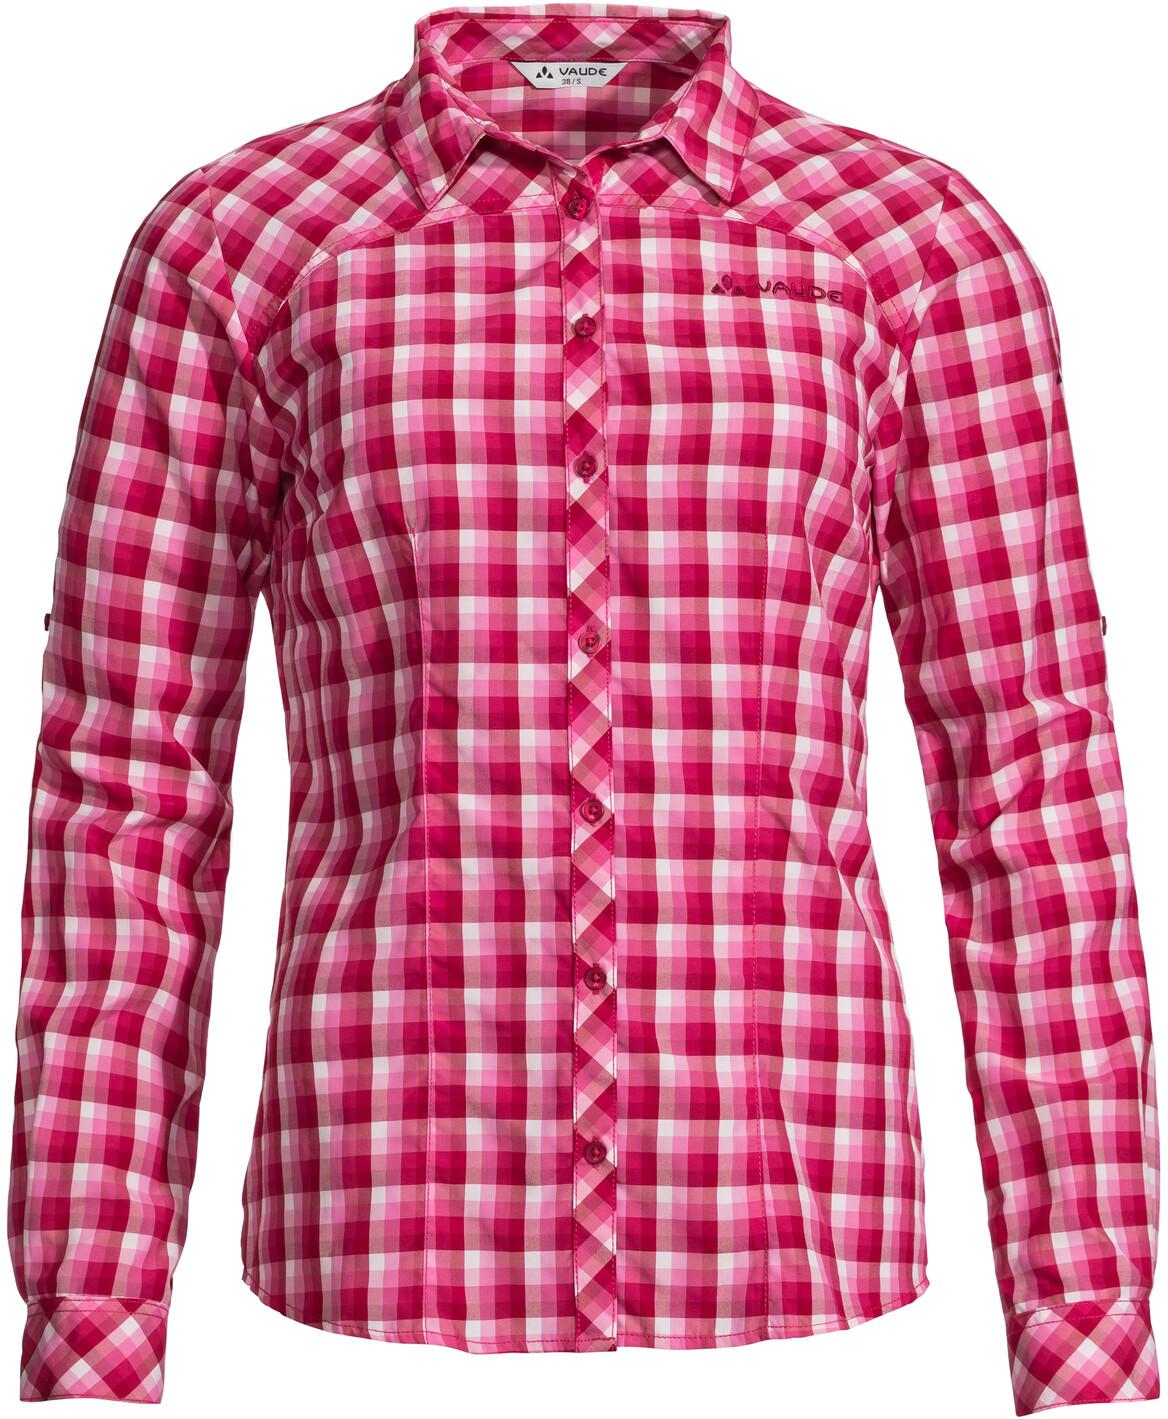 VAUDE Womens Tacun Shirt Blusa de Camisa Mujer